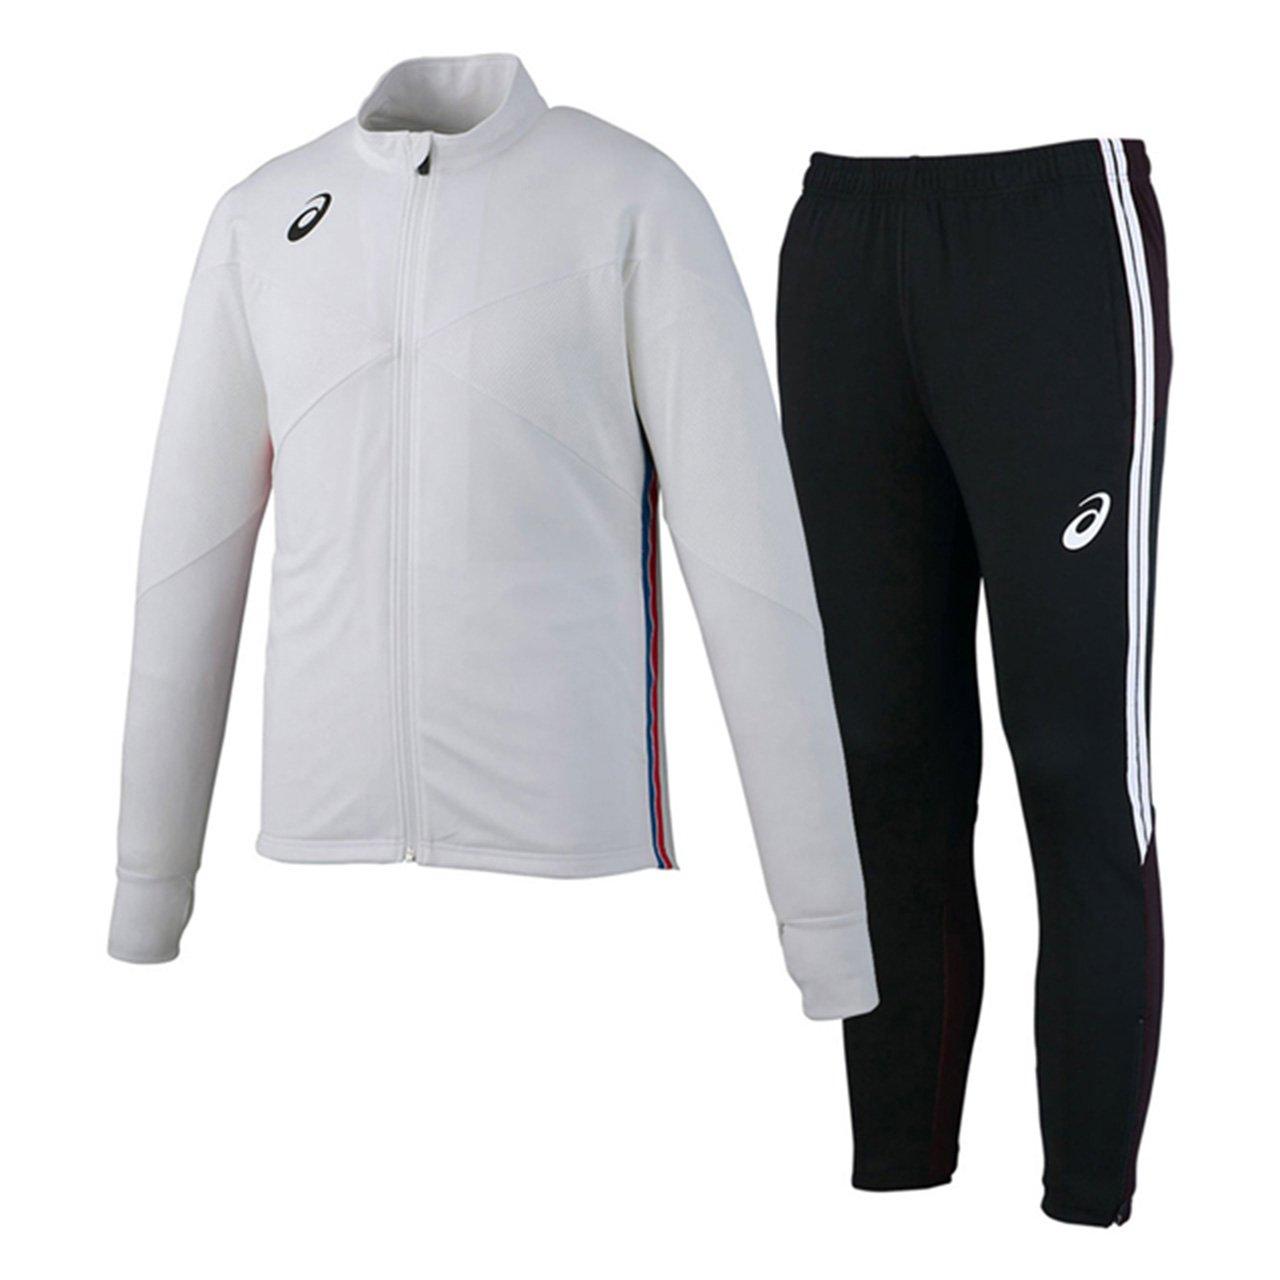 アシックス(asics) トレーニングジャケット&トレーニングパンツ 上下セット(ホワイト/ブラック) XST181-01-XST281-90 B079WV1LN4 XX-Large|ホワイト/ブラック ホワイト/ブラック XX-Large